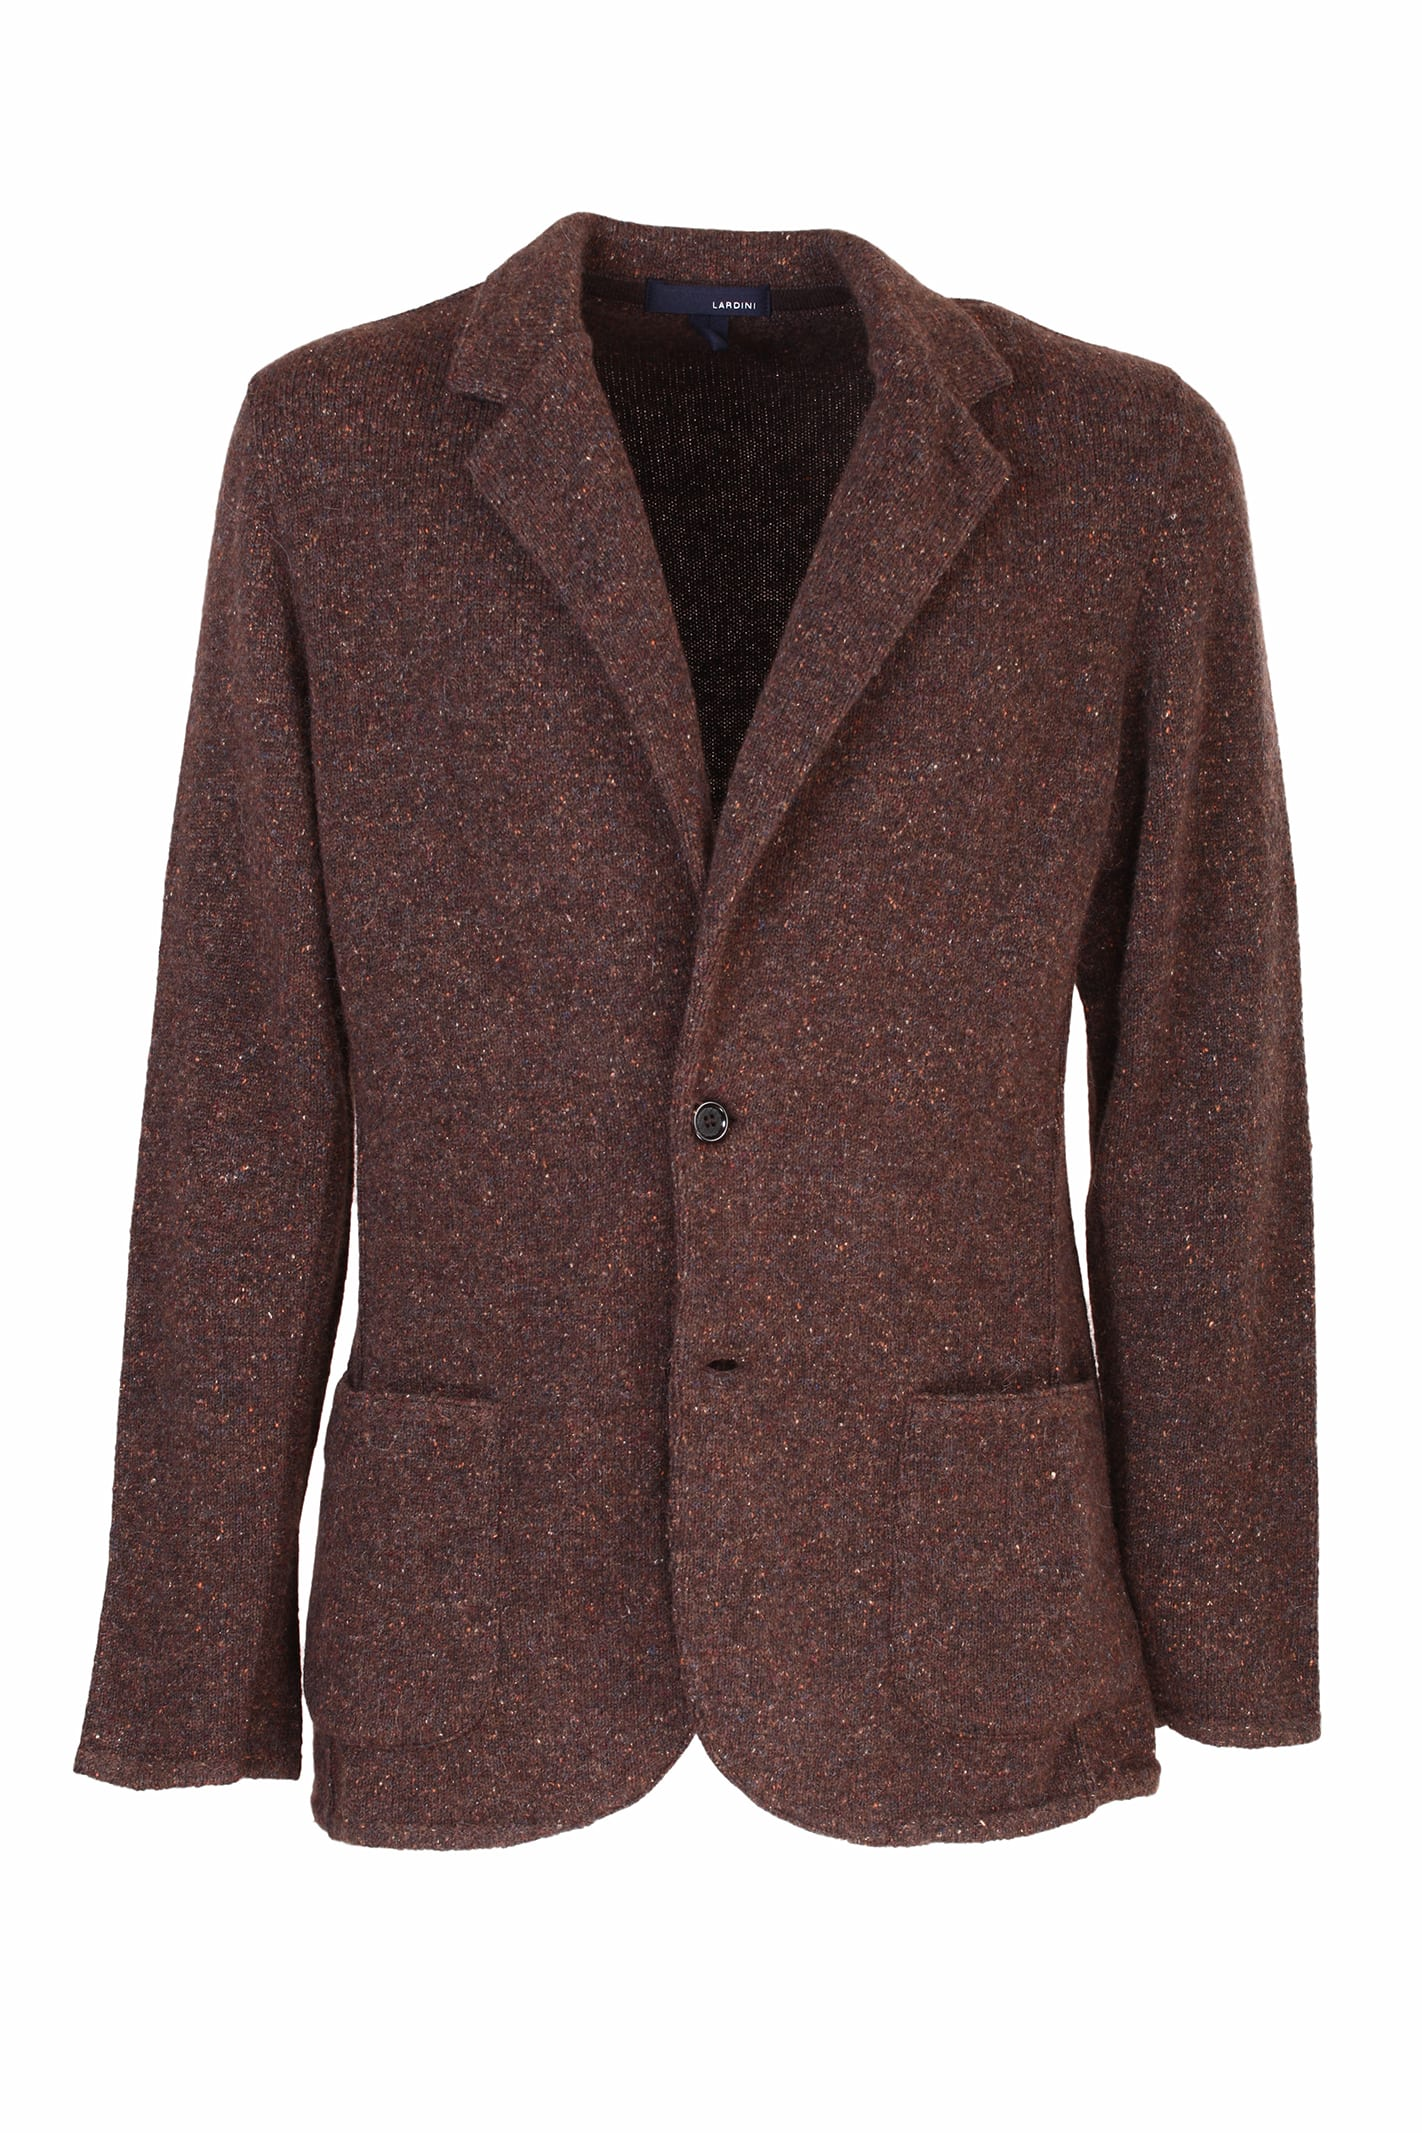 Lardini single-breasted jacket